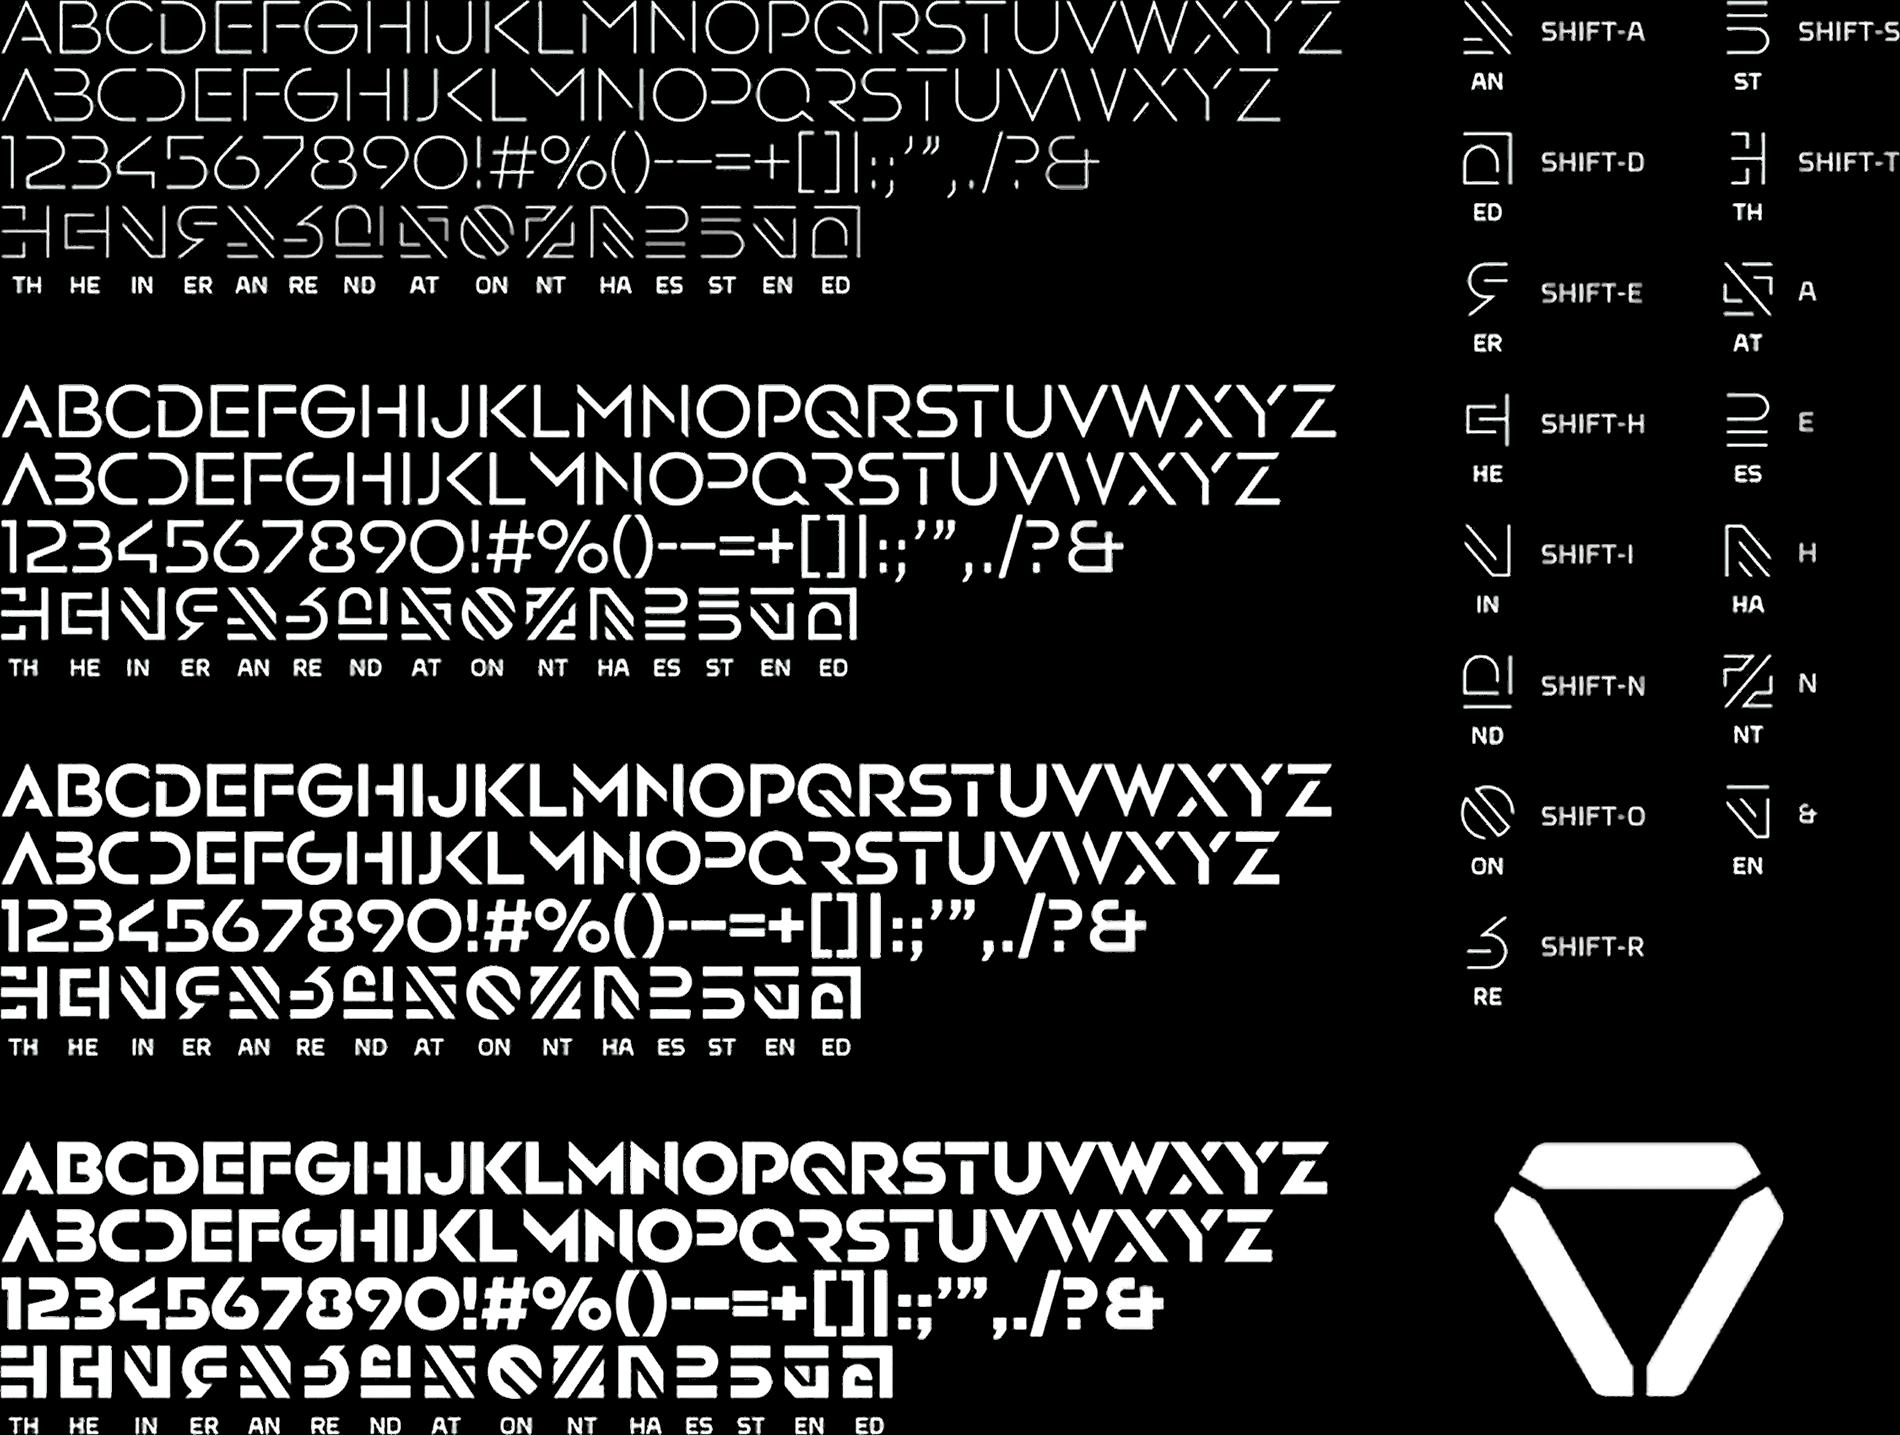 Интерфейсы фильма Oblivion